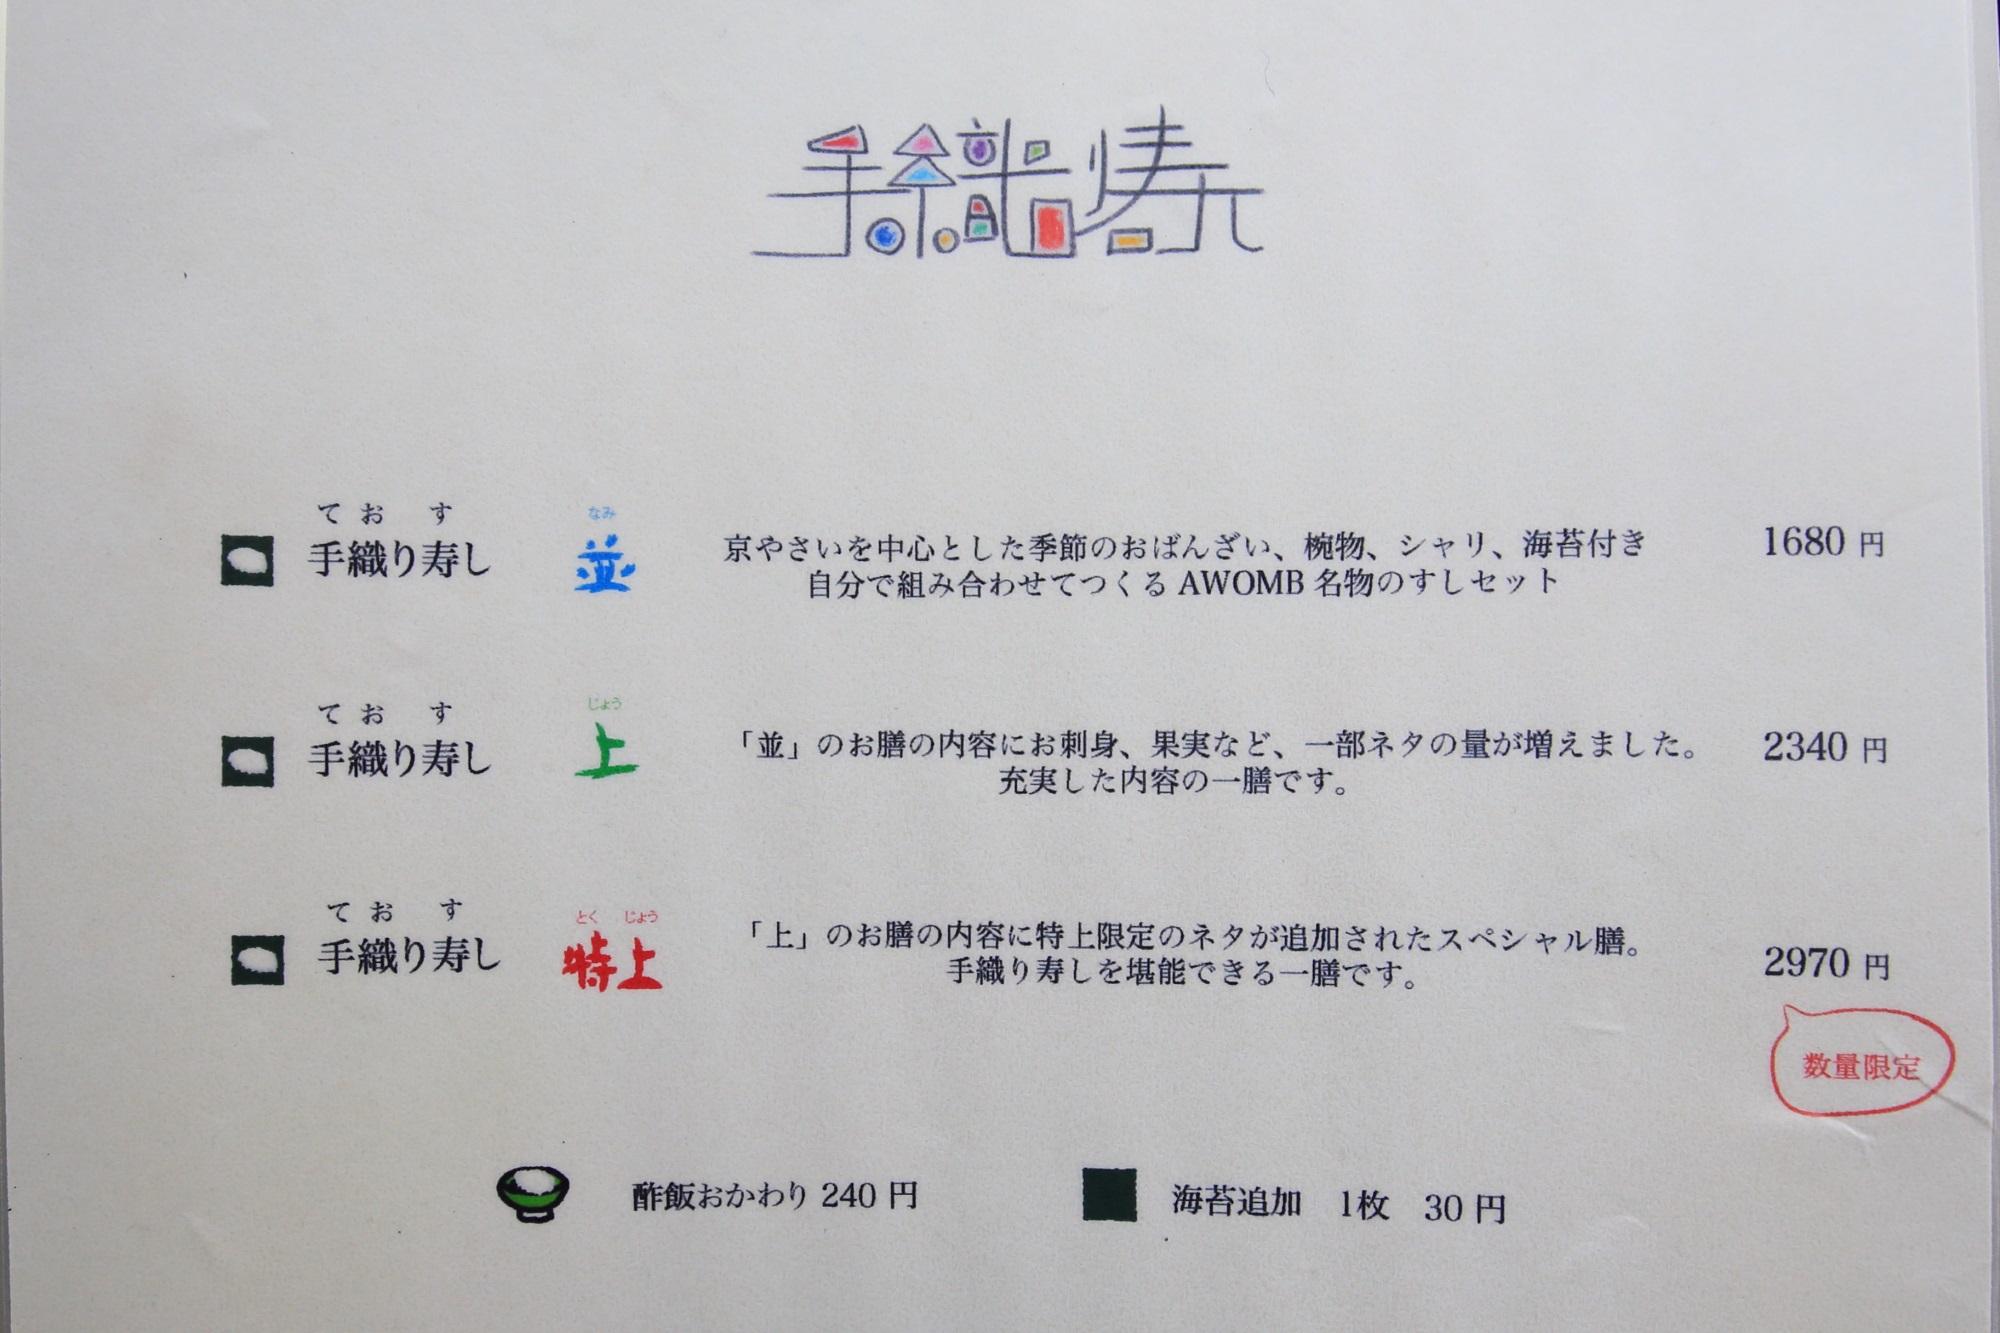 手織り寿しで有名な京都AWOMB (アウーム)のメニュー